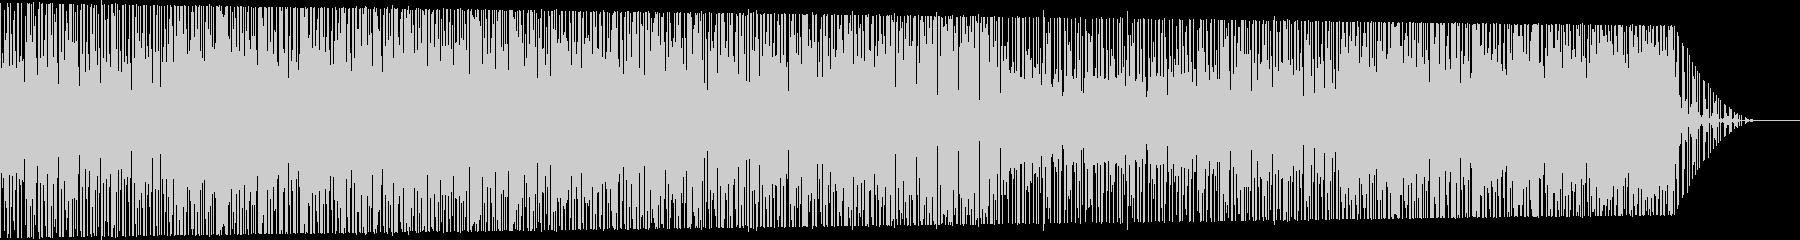 インド風エスニックBGMですの未再生の波形